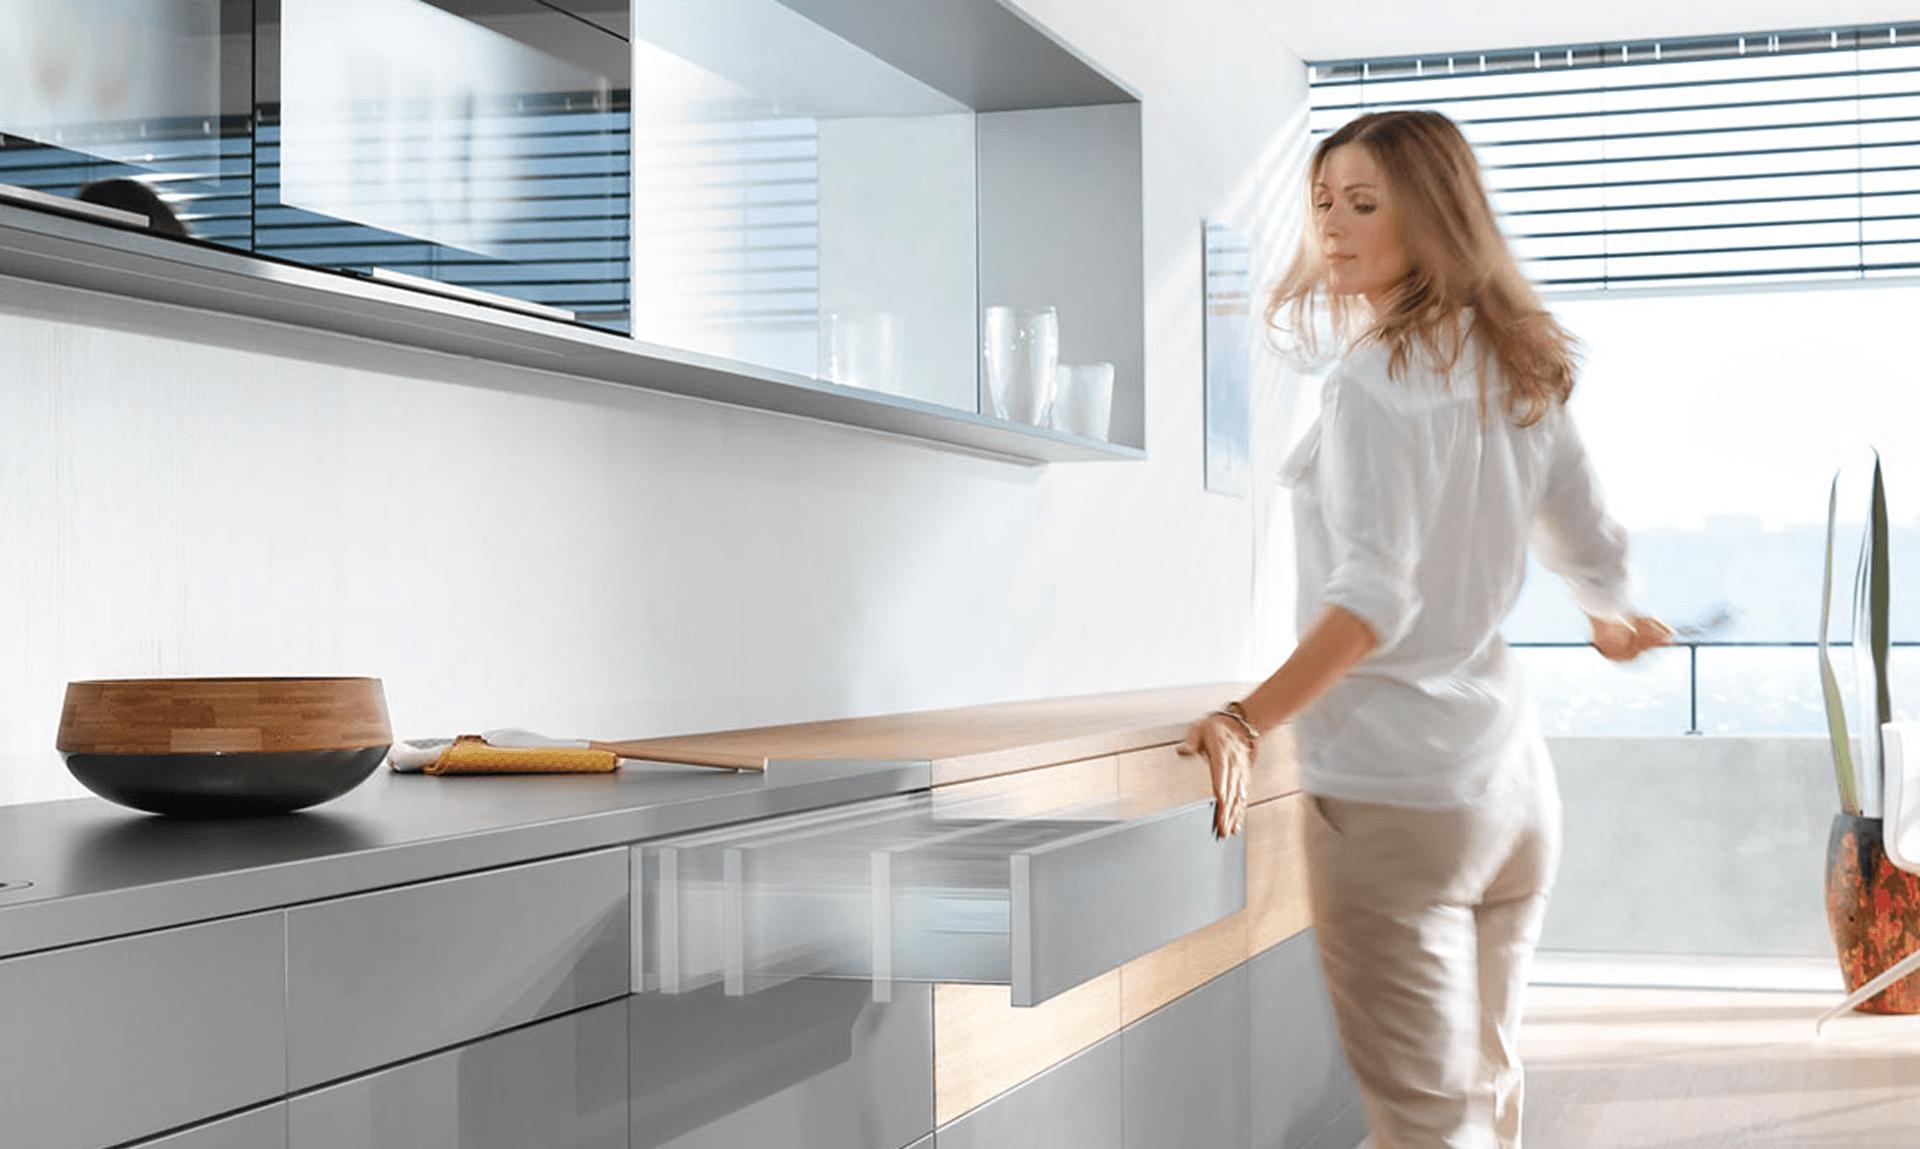 Gli accessori cucina Blum - Vendita Cucine Lube e Creo a Corsico